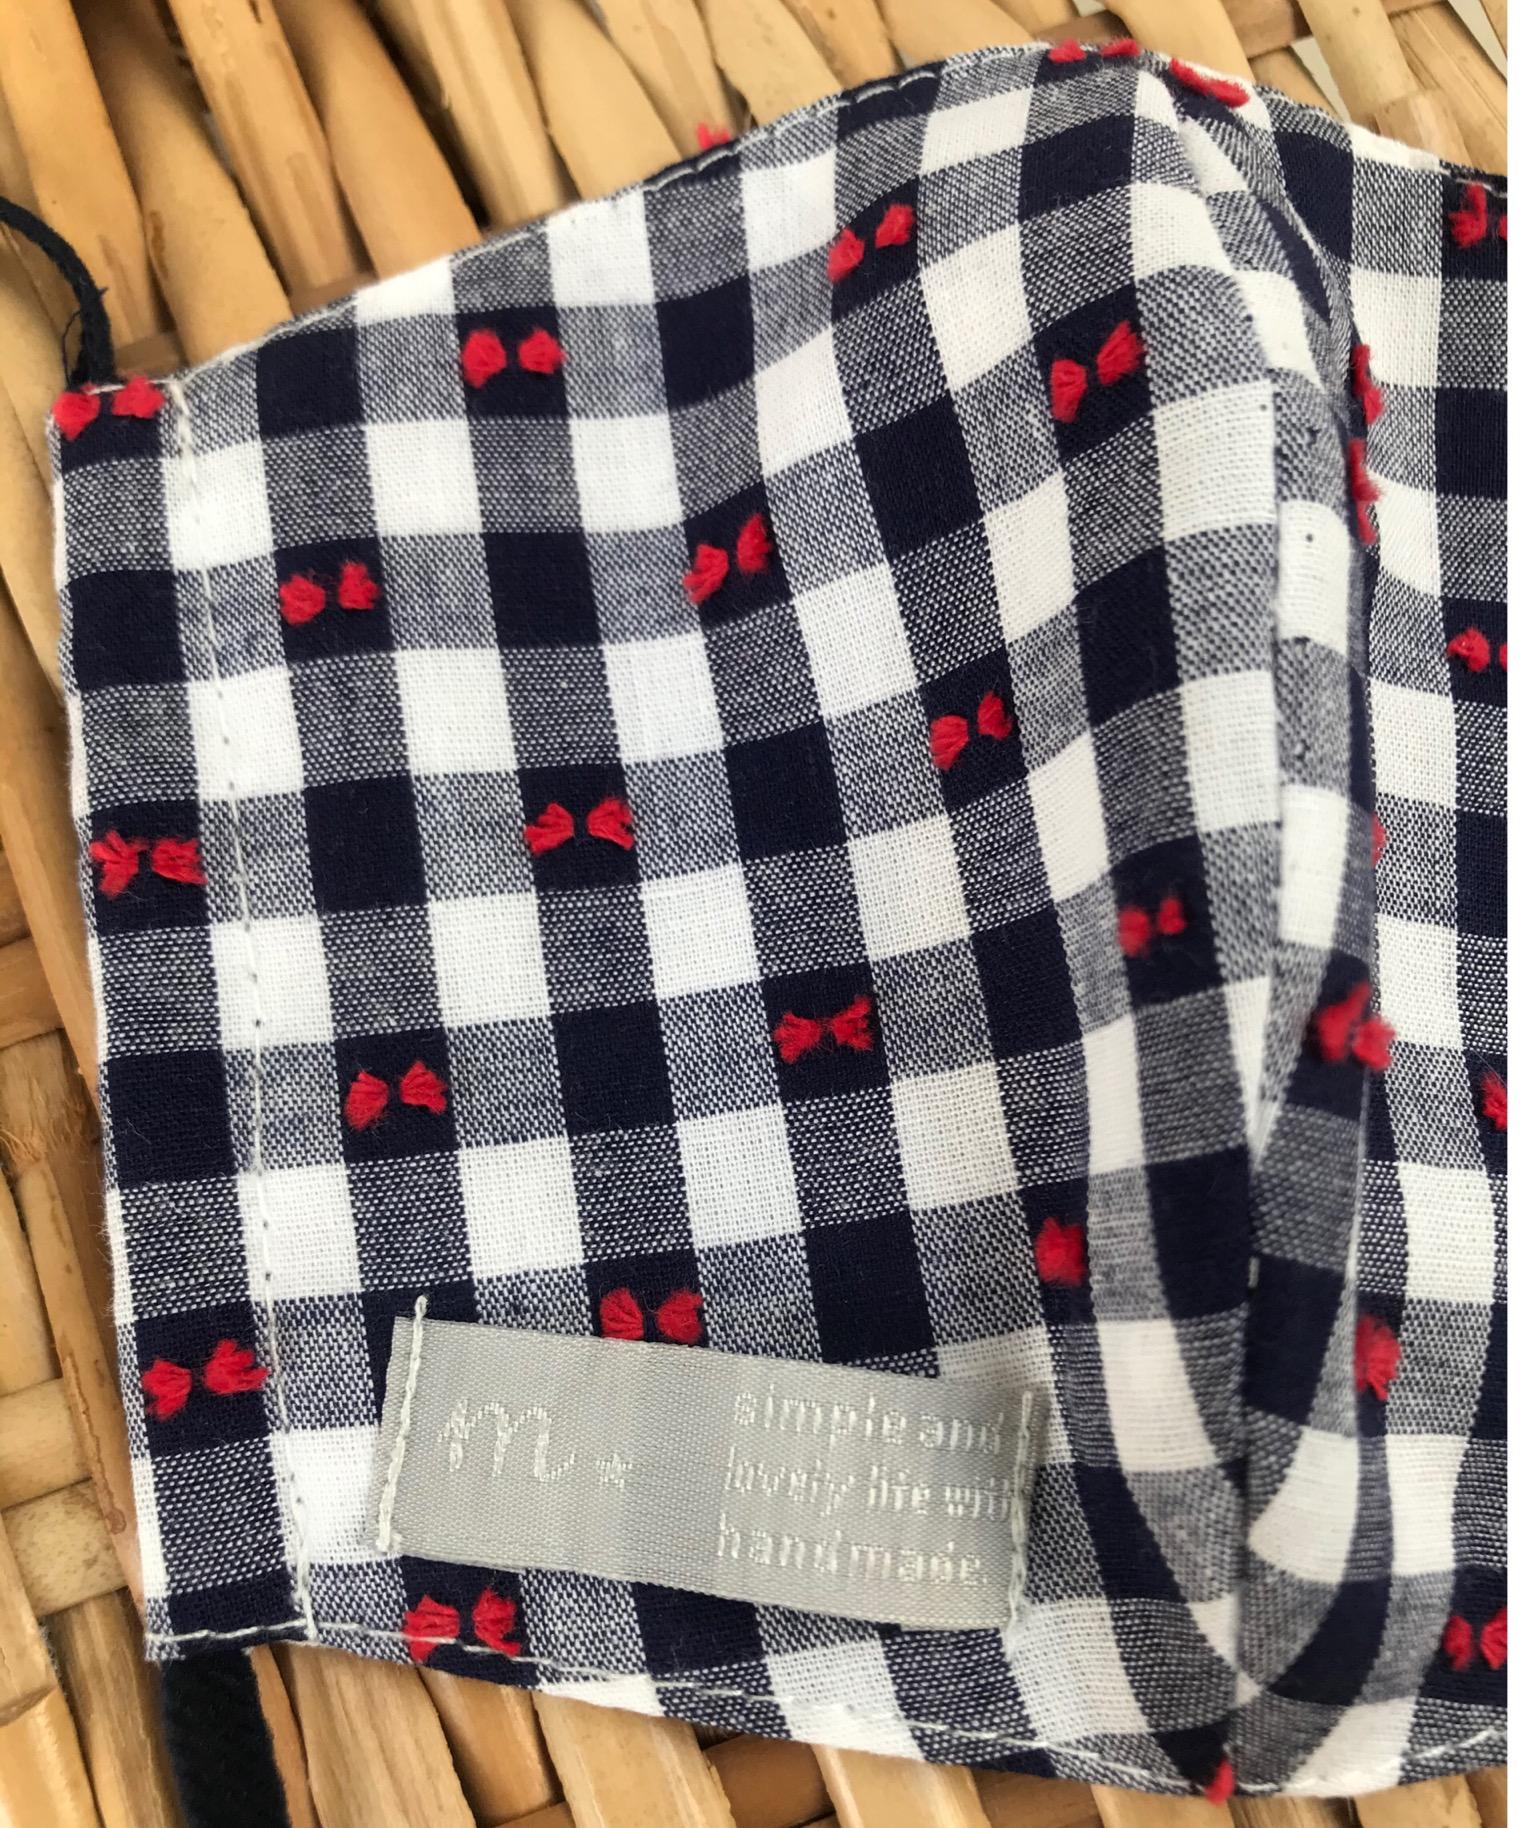 ドビー織りのコットンギンガム